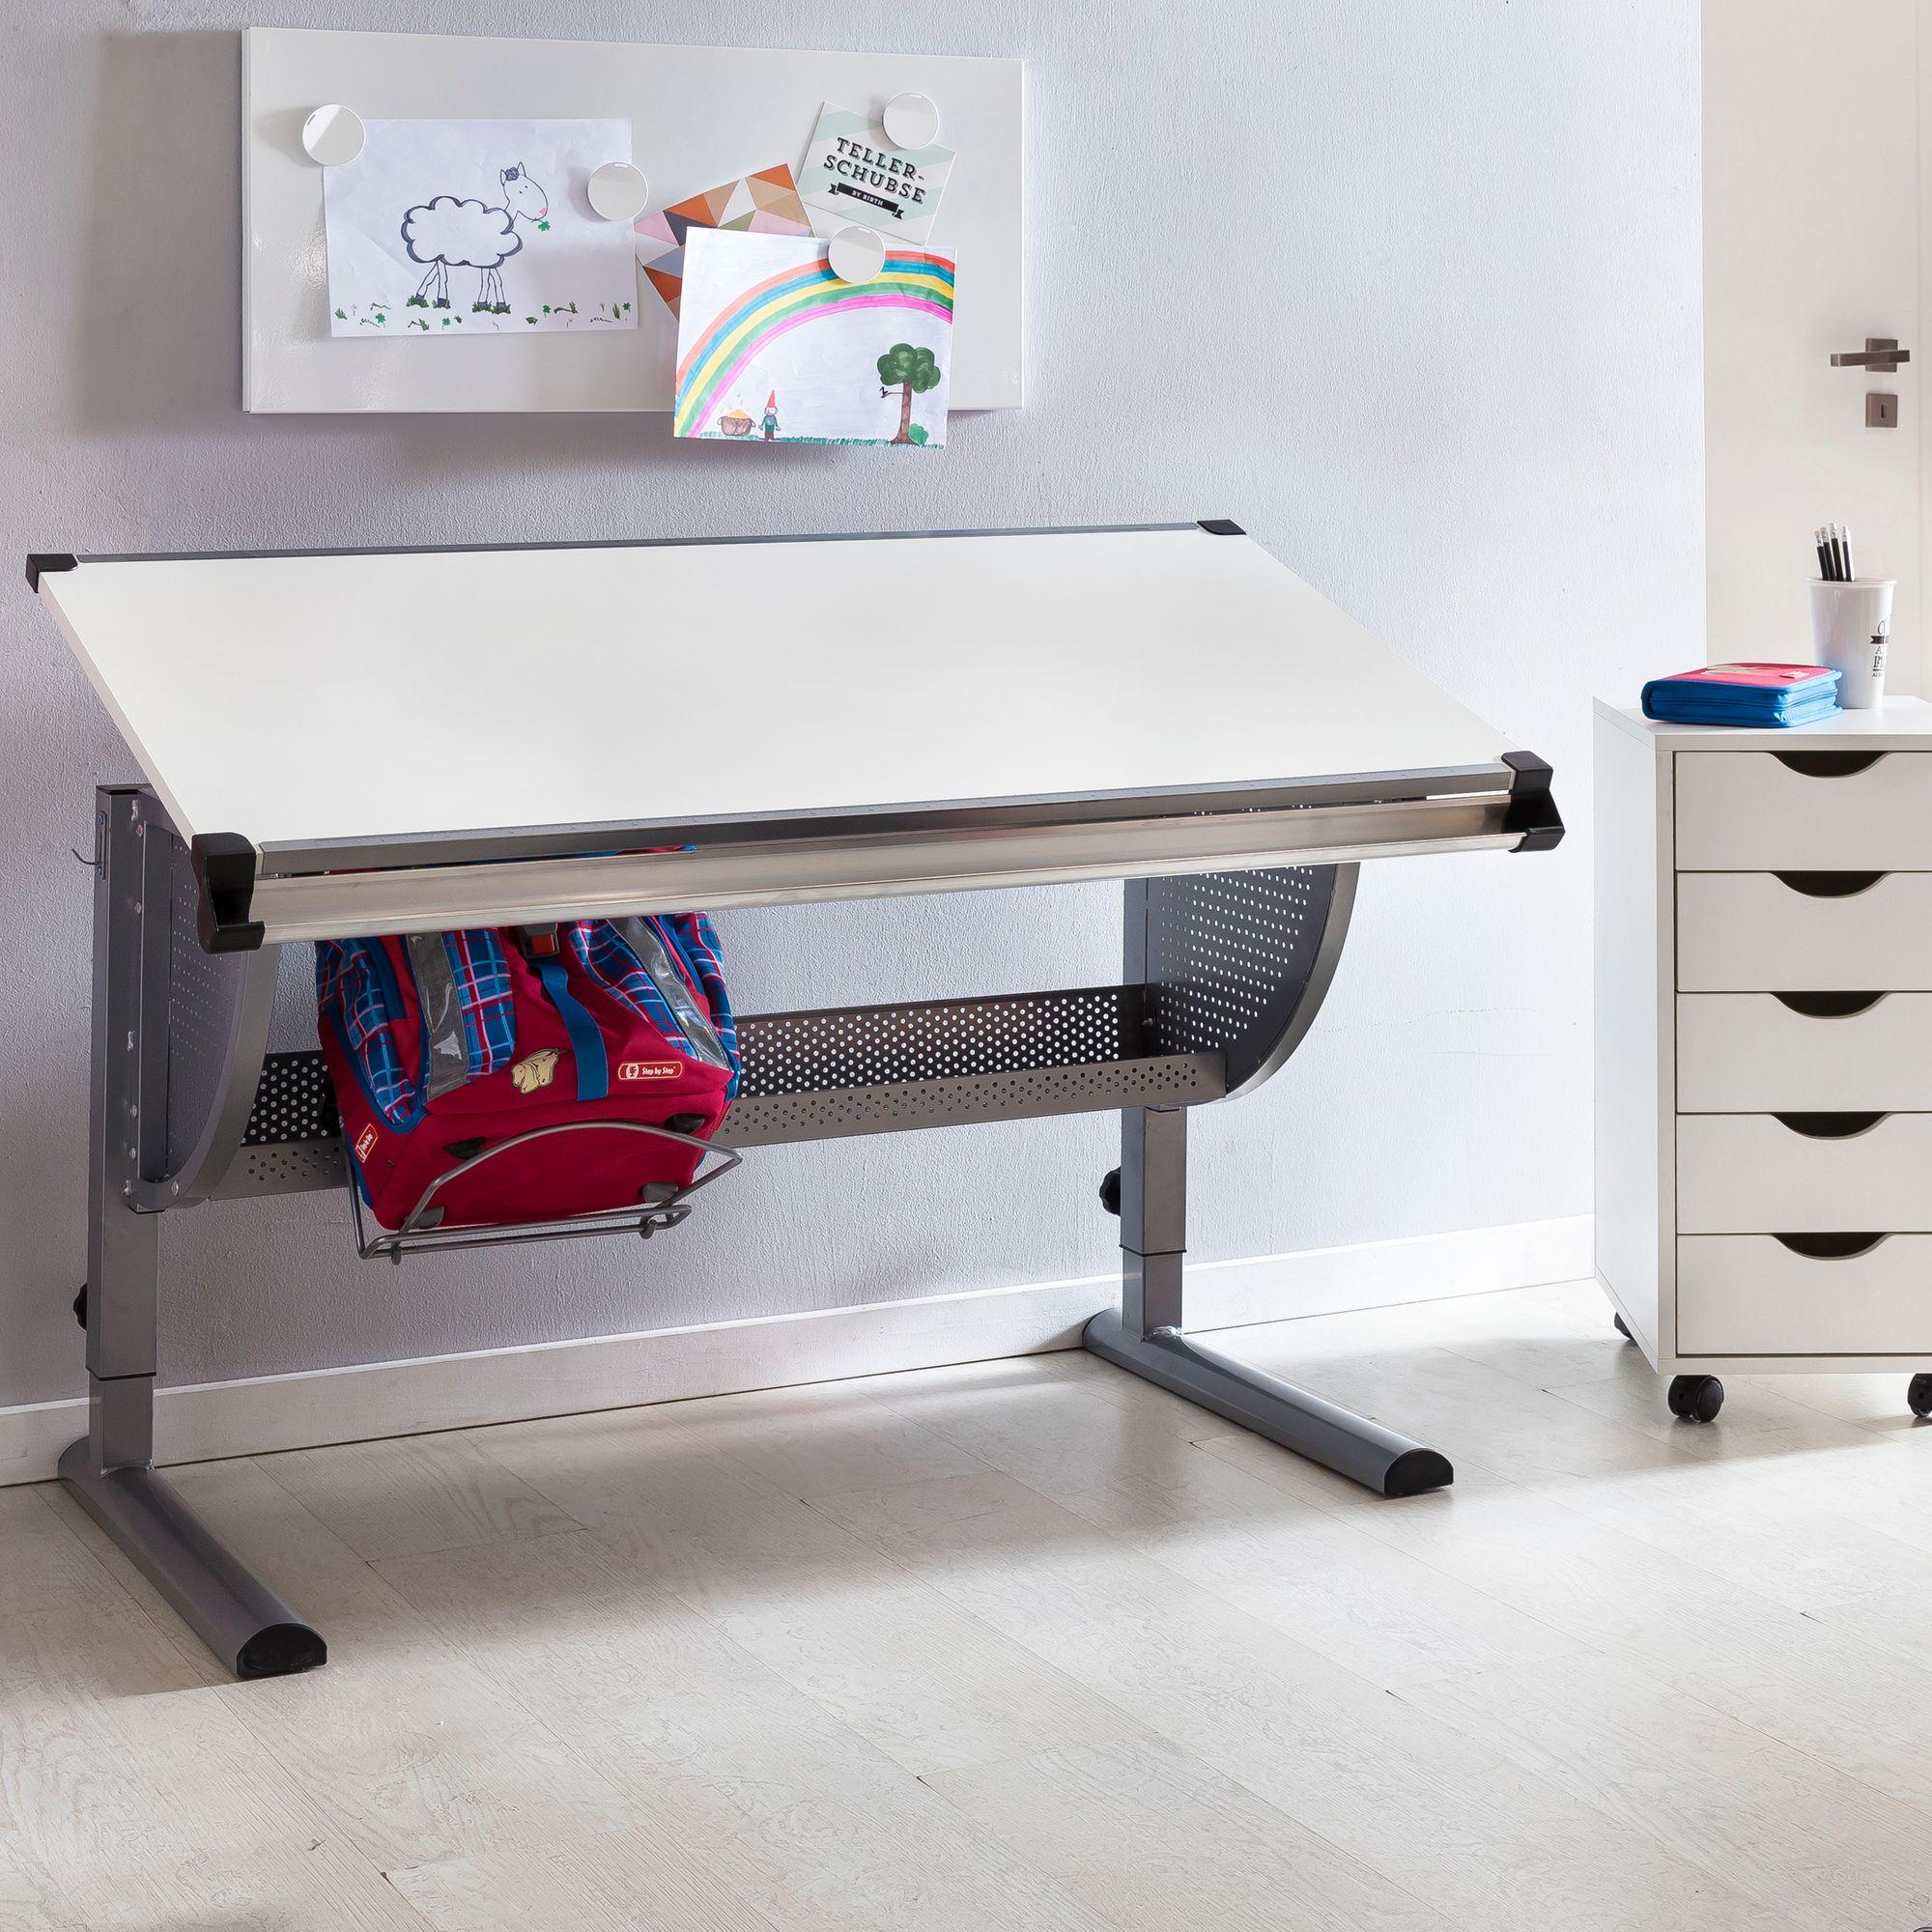 Kinderschreibtisch holz  FineBuy Design Kinderschreibtisch MICHI Holz 120 x 60 cm grau / weiß ...